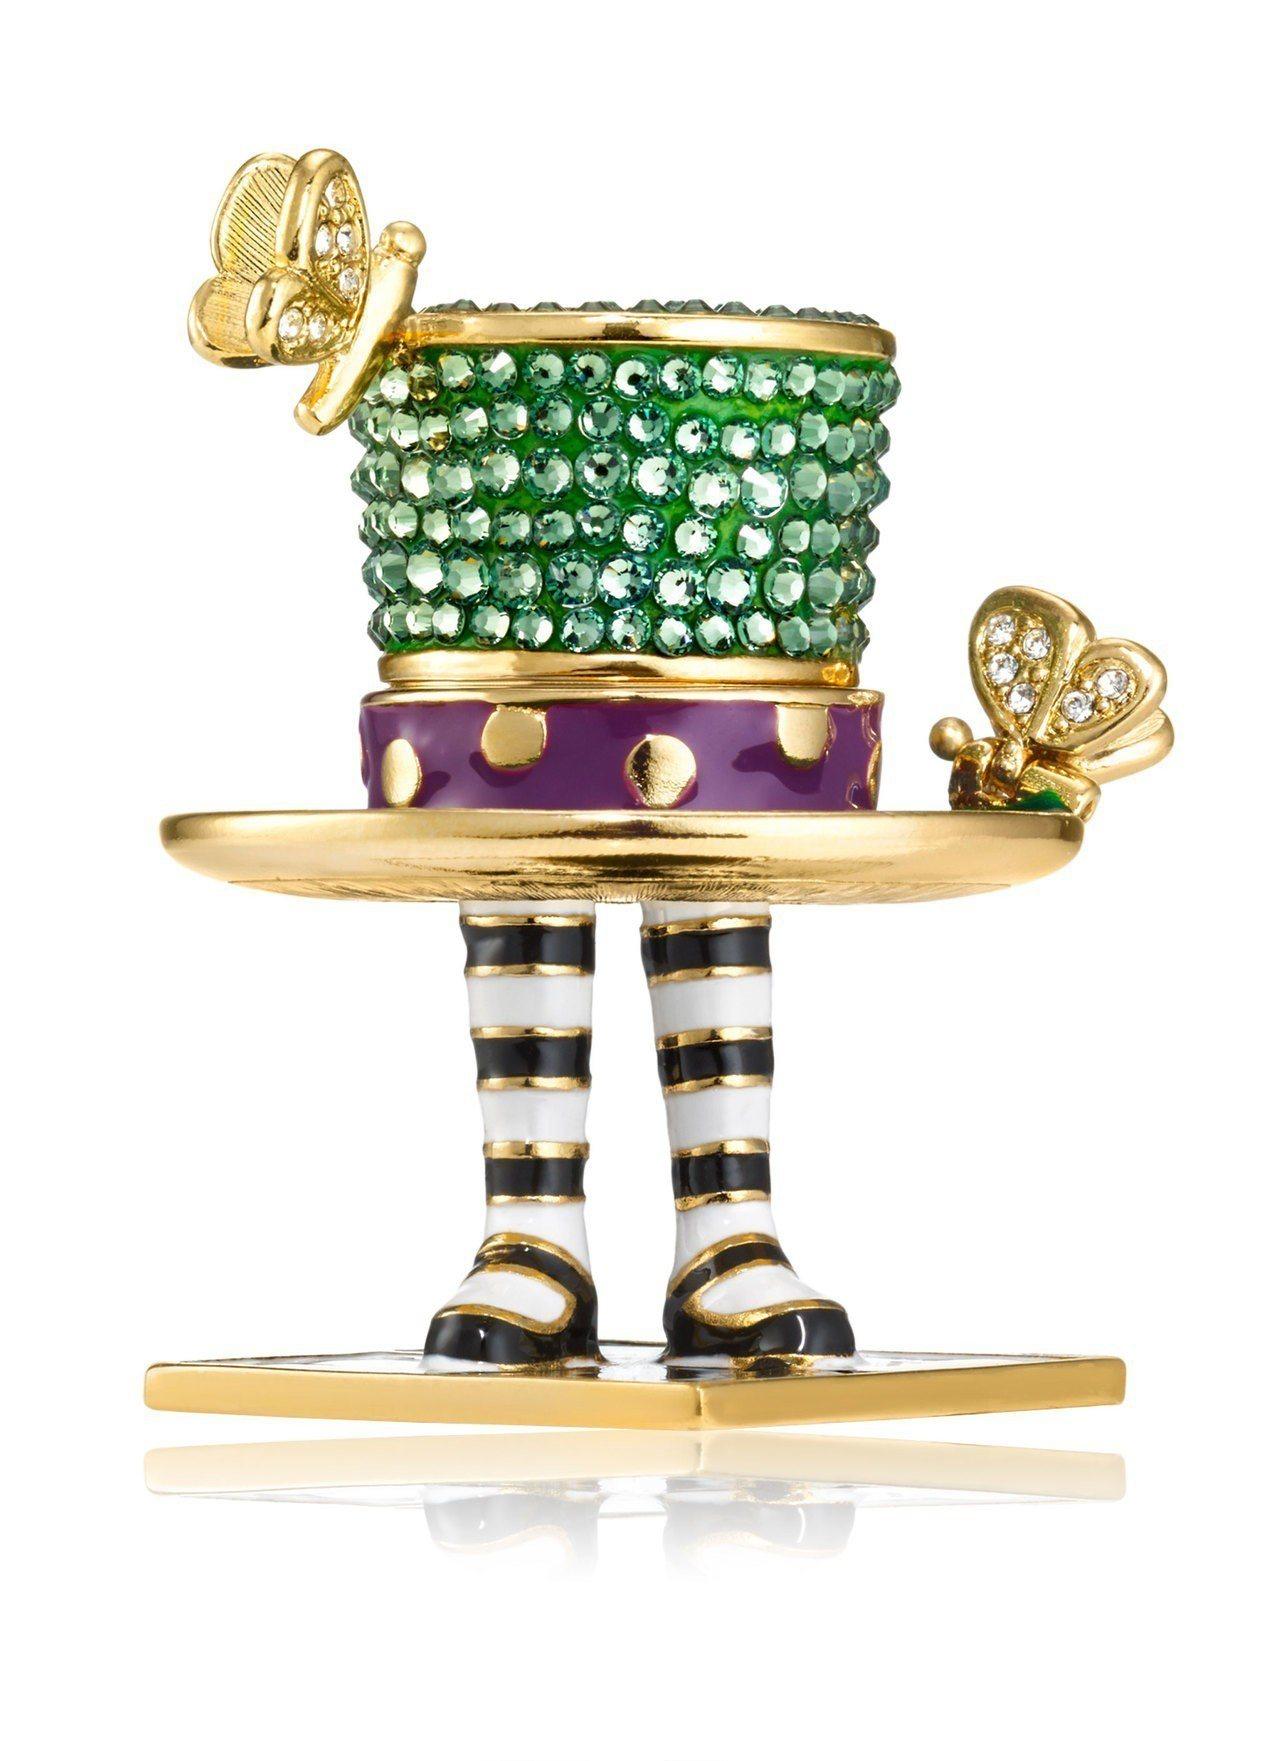 2018限量固體香精系列「魔境瘋帽匠」,售價13,800元。圖/雅詩蘭黛提供